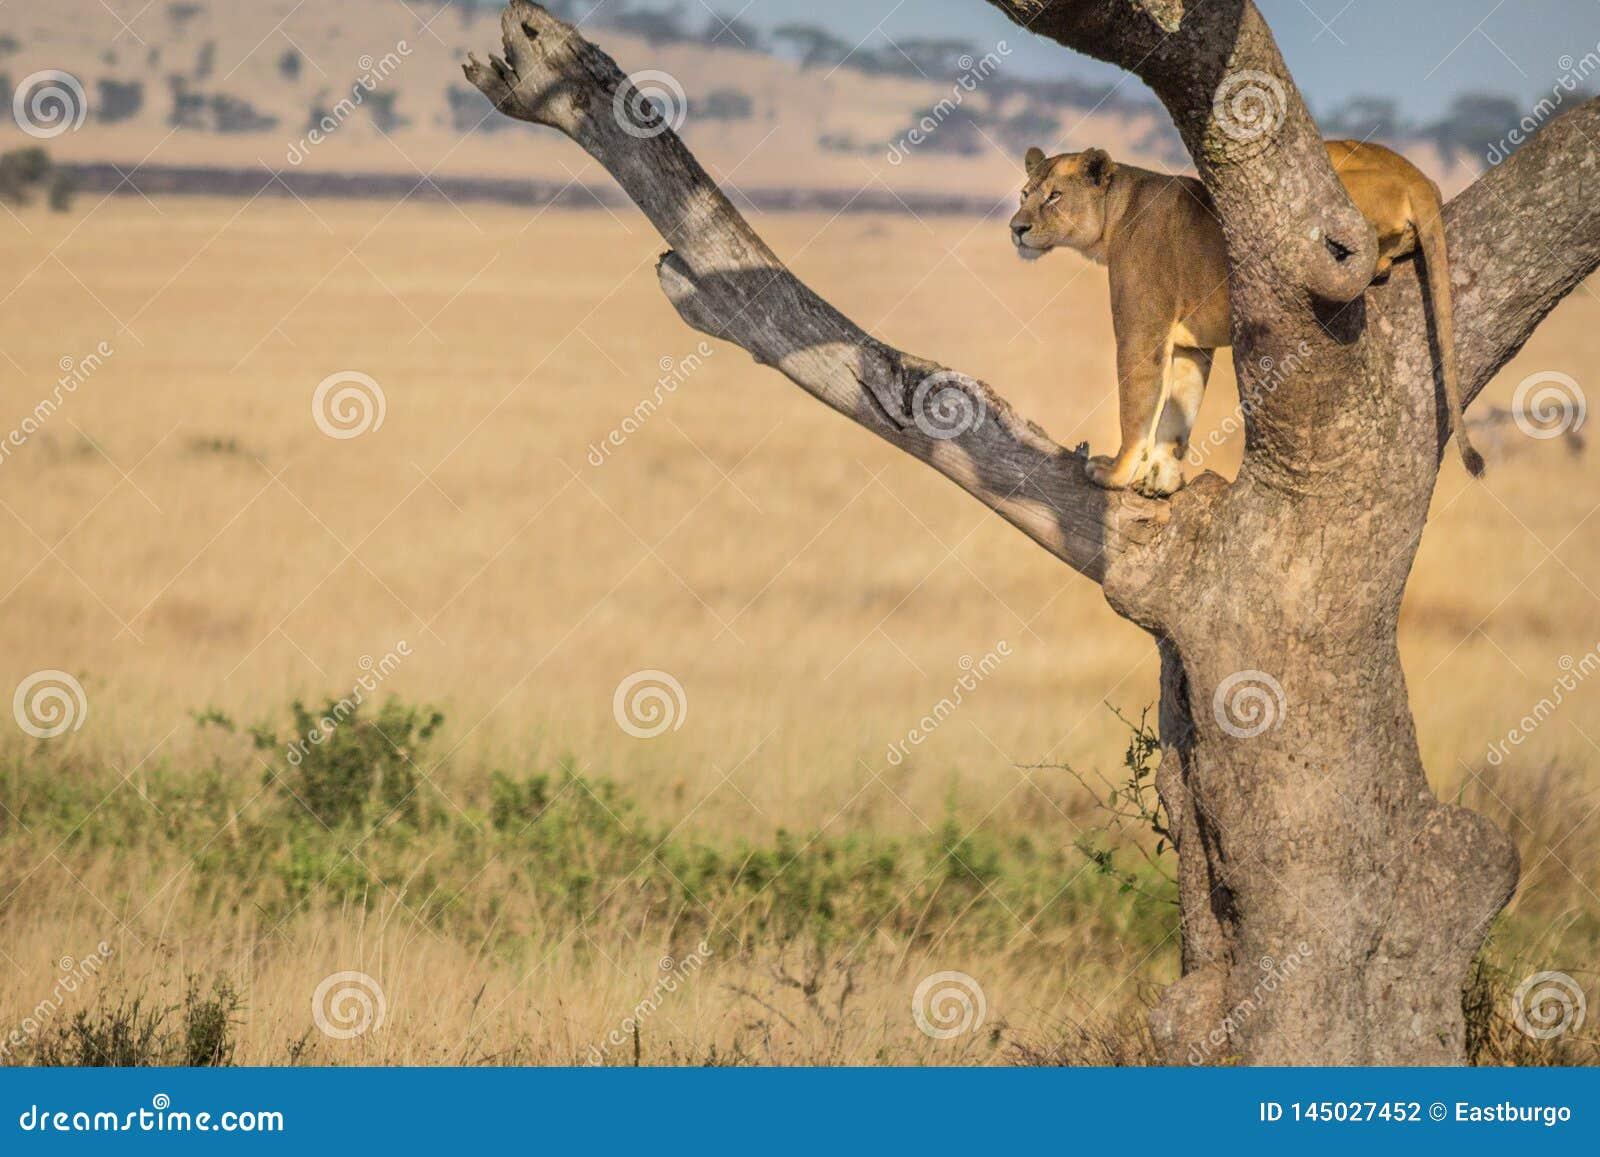 Ett kvinnligt lejon står klockan i ett träd